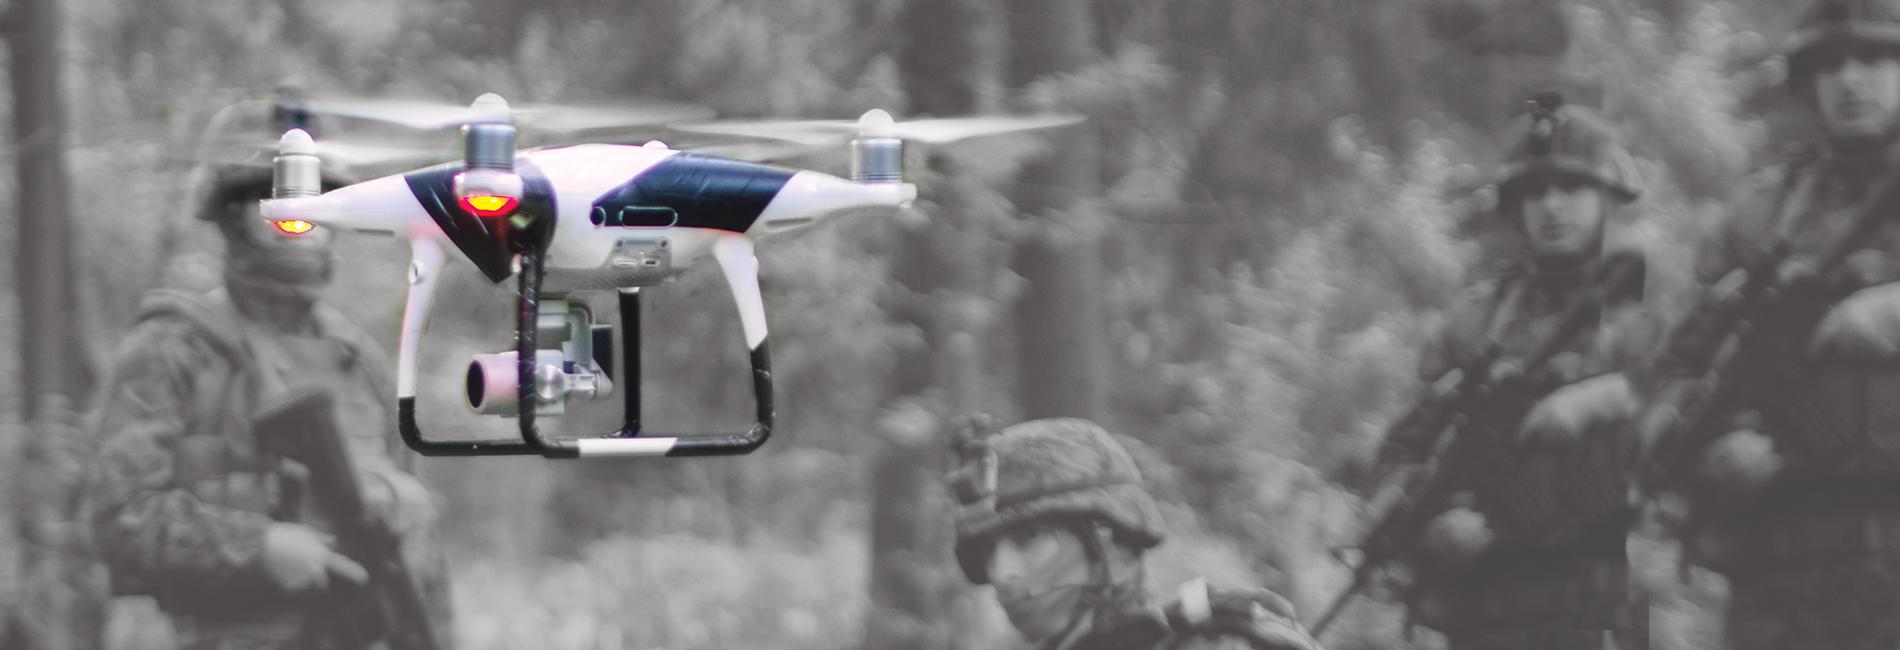 DroneLPHero2